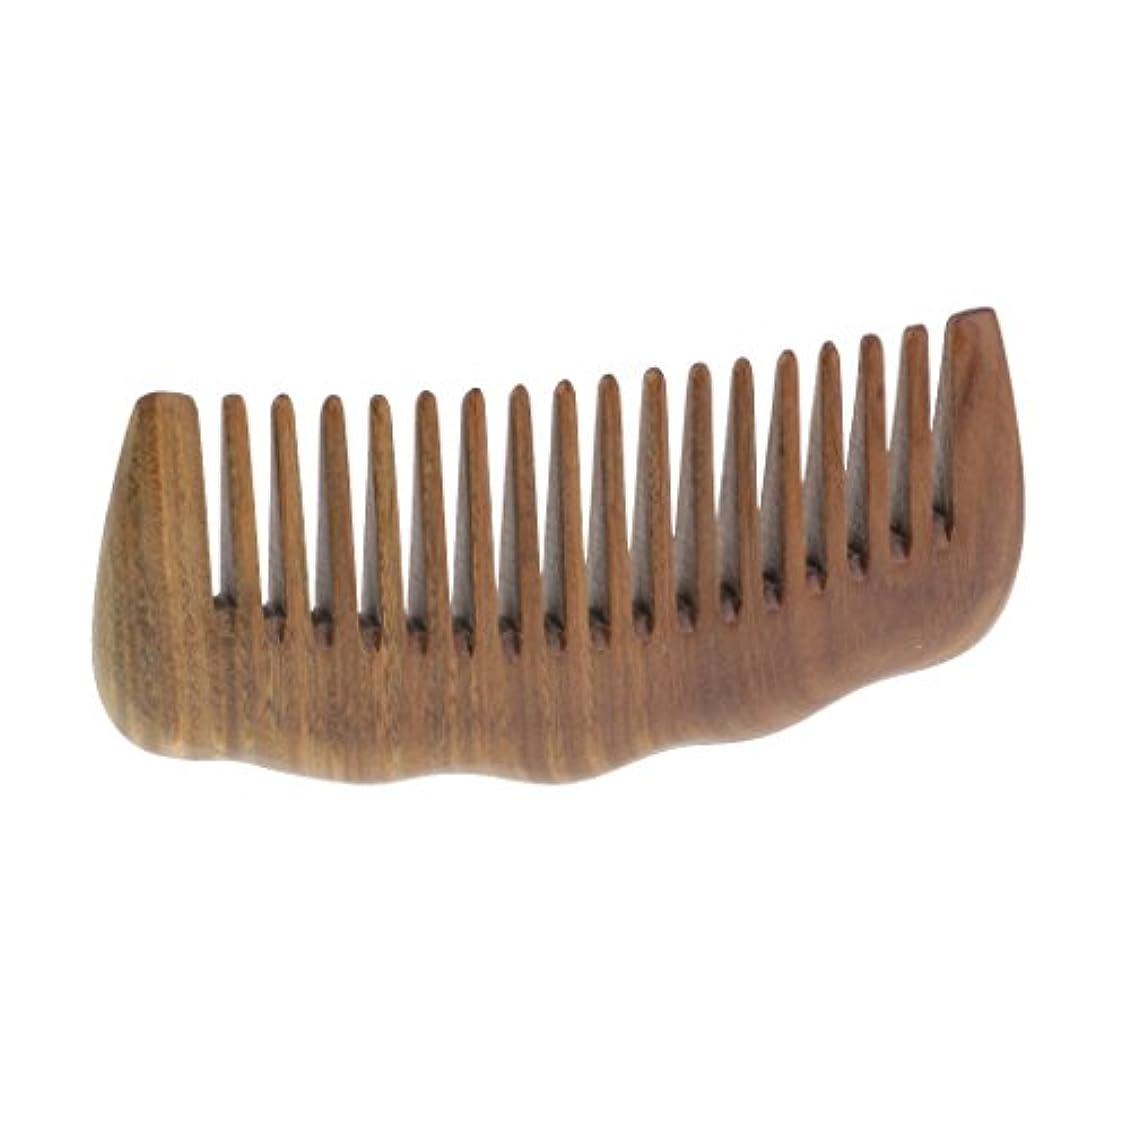 スロープセール誤ってウッドコーム 木製櫛 頭皮マッサージ 伝統工芸品 滑らか ヘアケア ナチュラルサンダルウッド 高品質